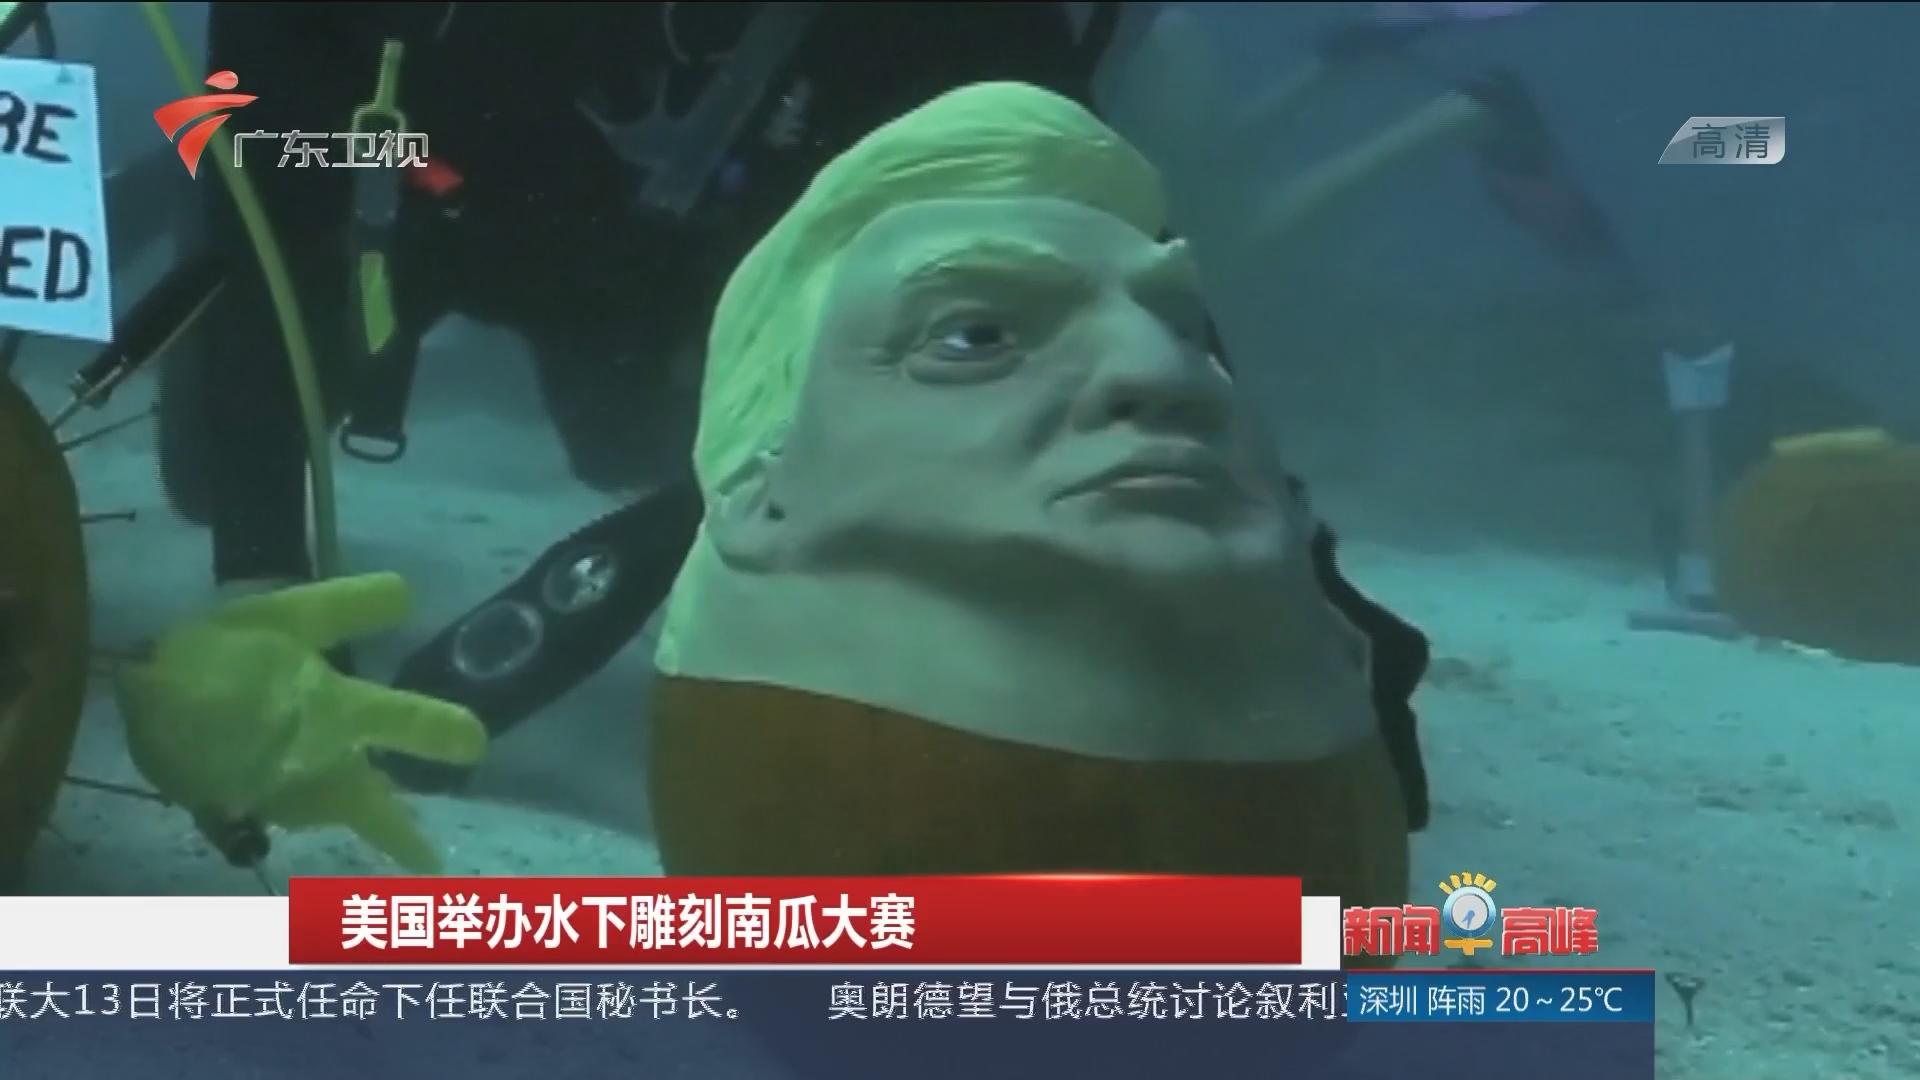 美国举办水下雕刻南瓜大赛